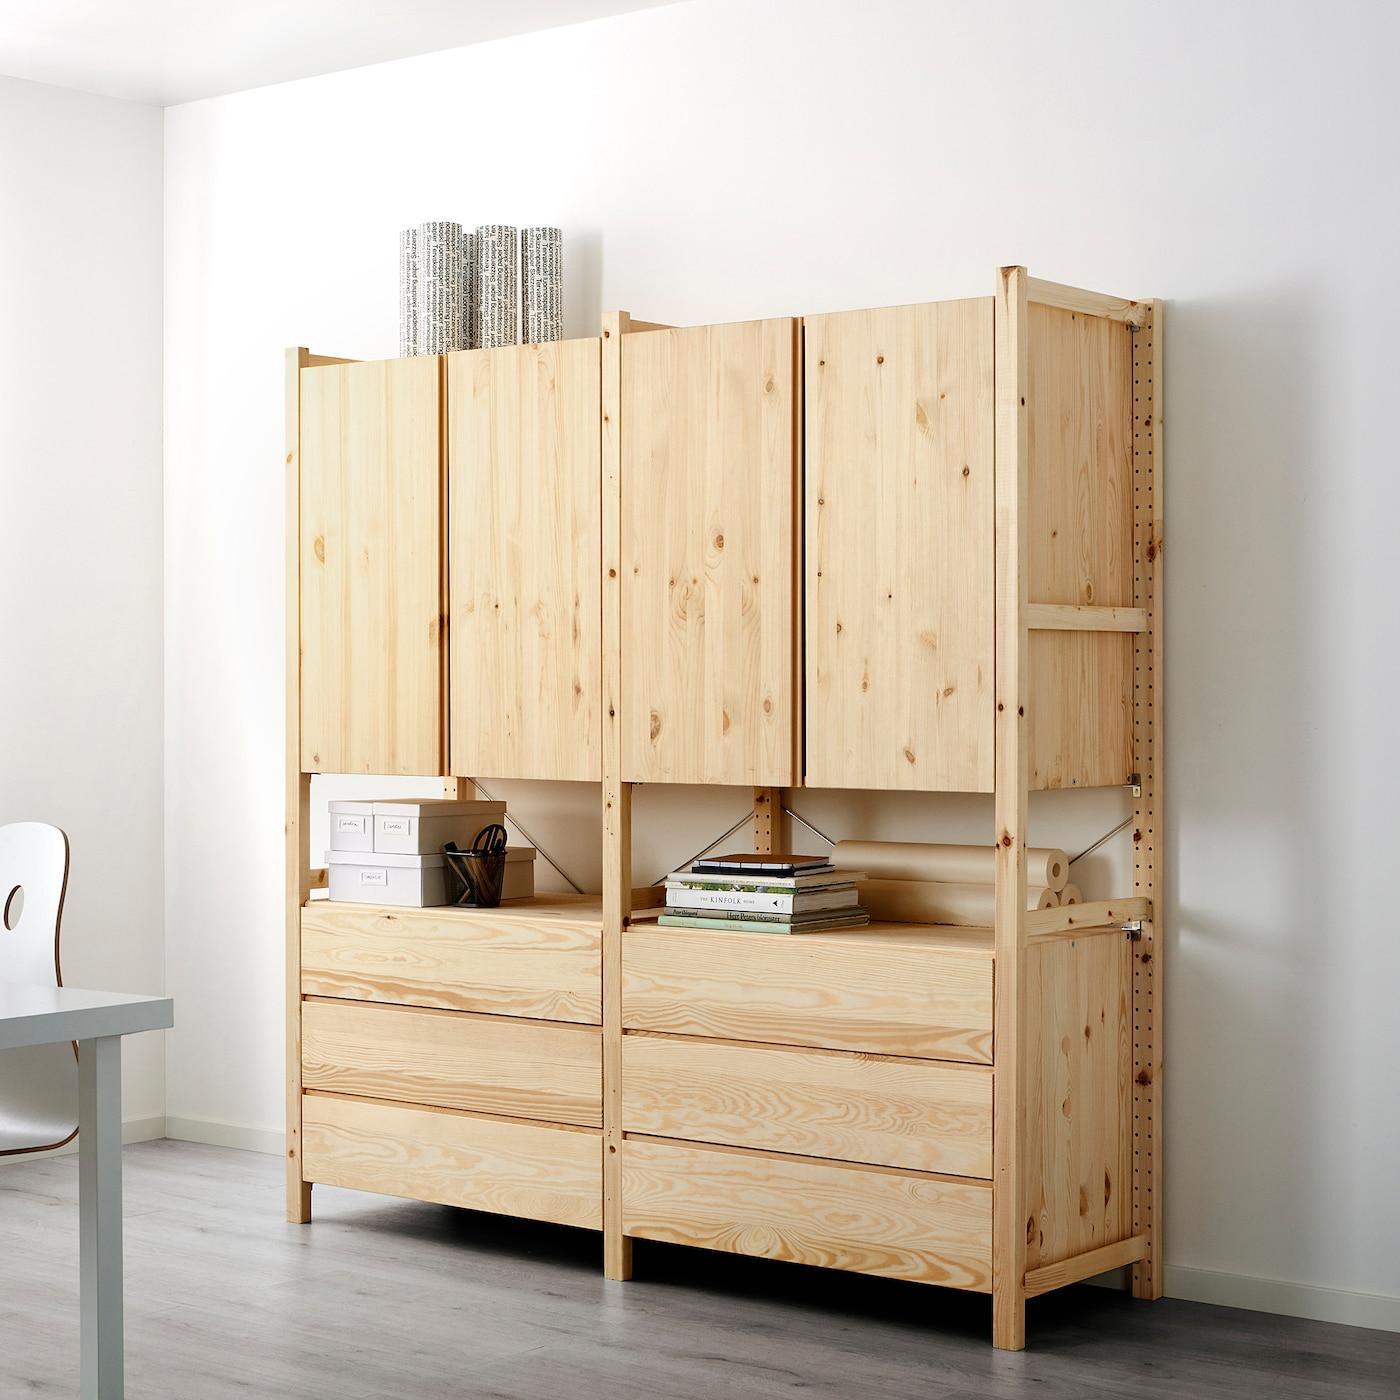 Kiefer Kommode Ikea 2021